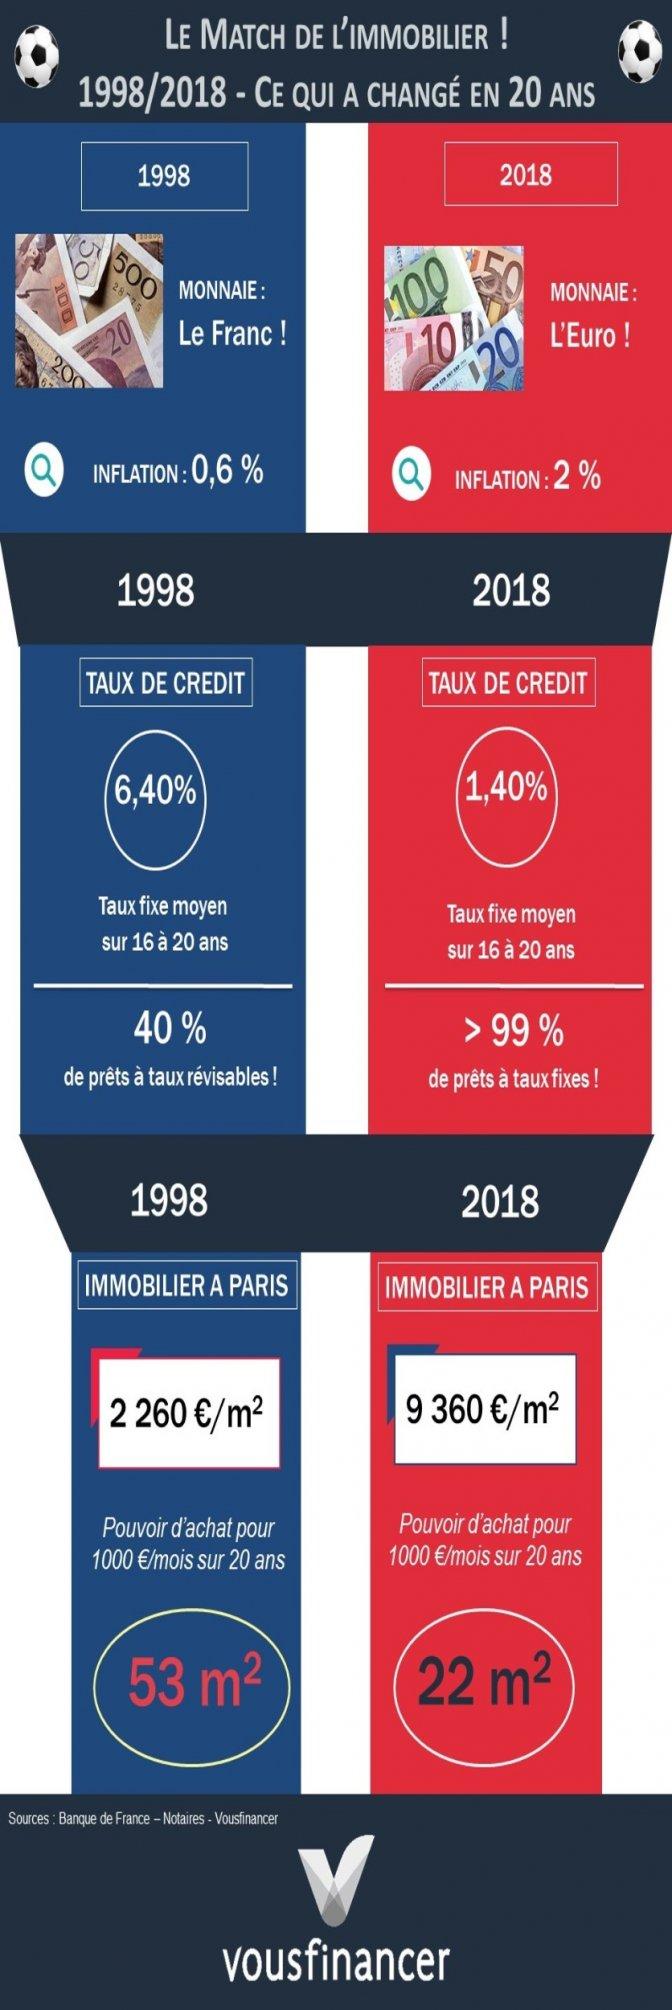 1998-2018: le Match de l'immobilier à Paris! Taux, inflation, prix de l'immobilier, pouvoir d'achat…